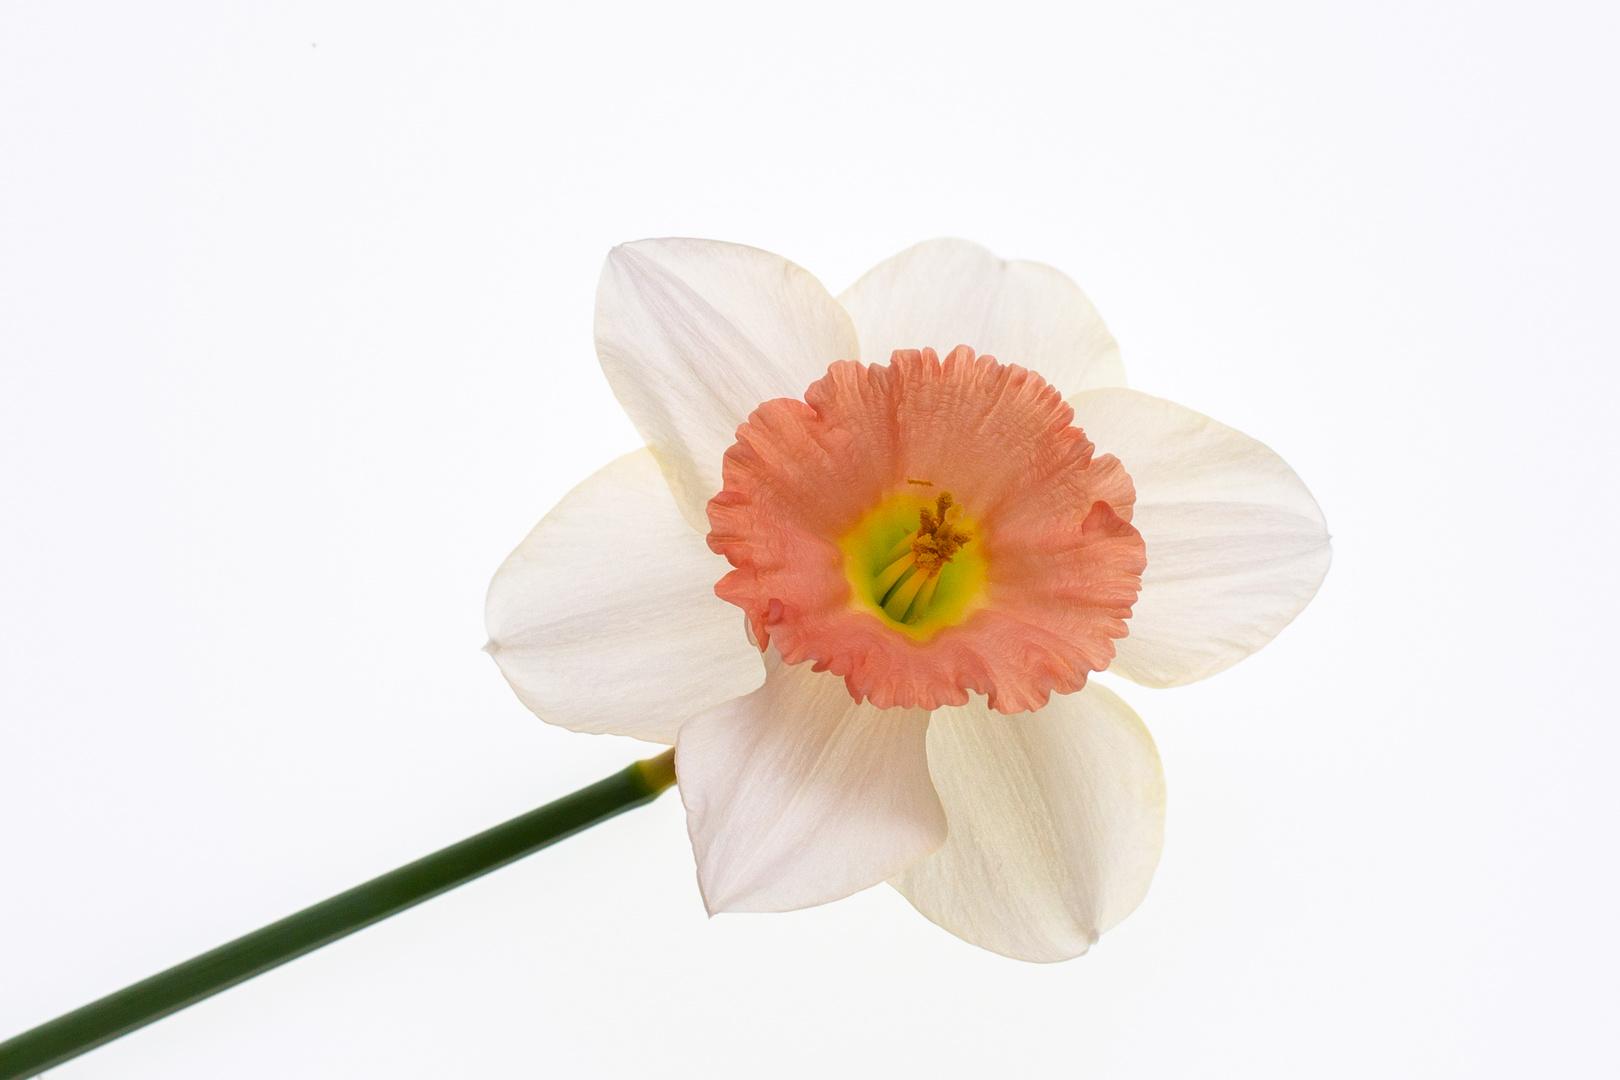 Reclining Daffodil